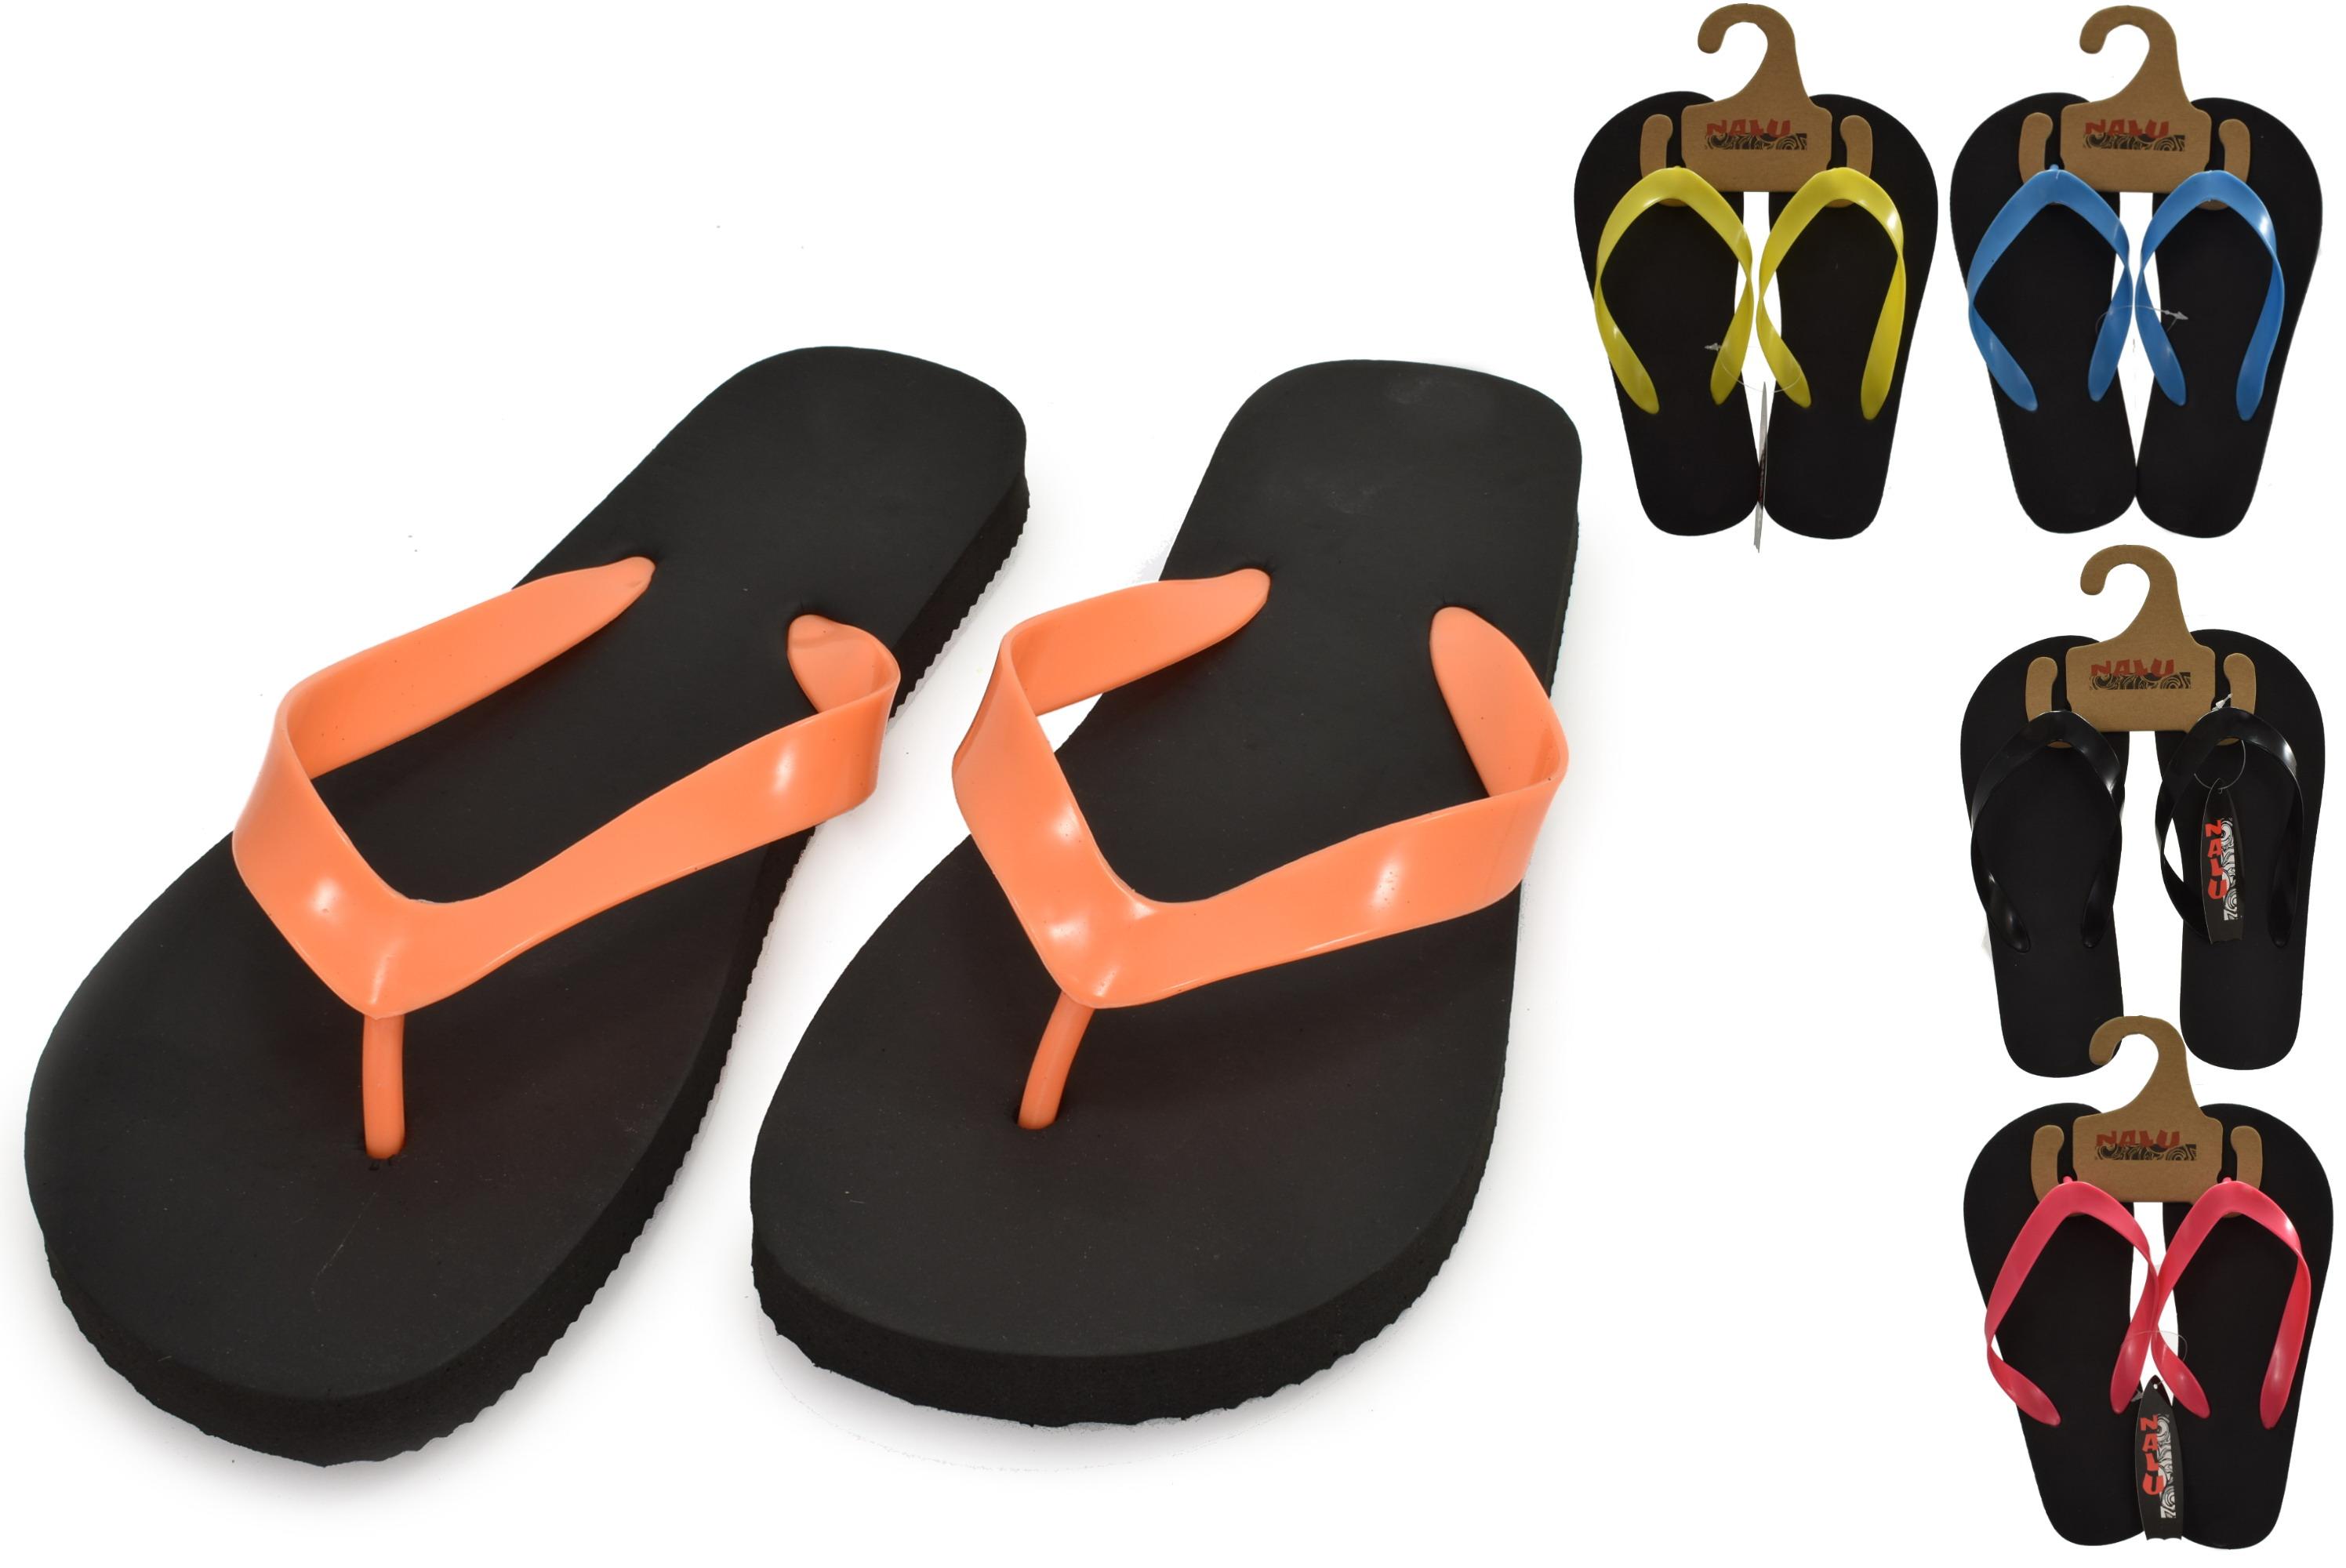 Flip Flop Childs Size 10 Plain Colour